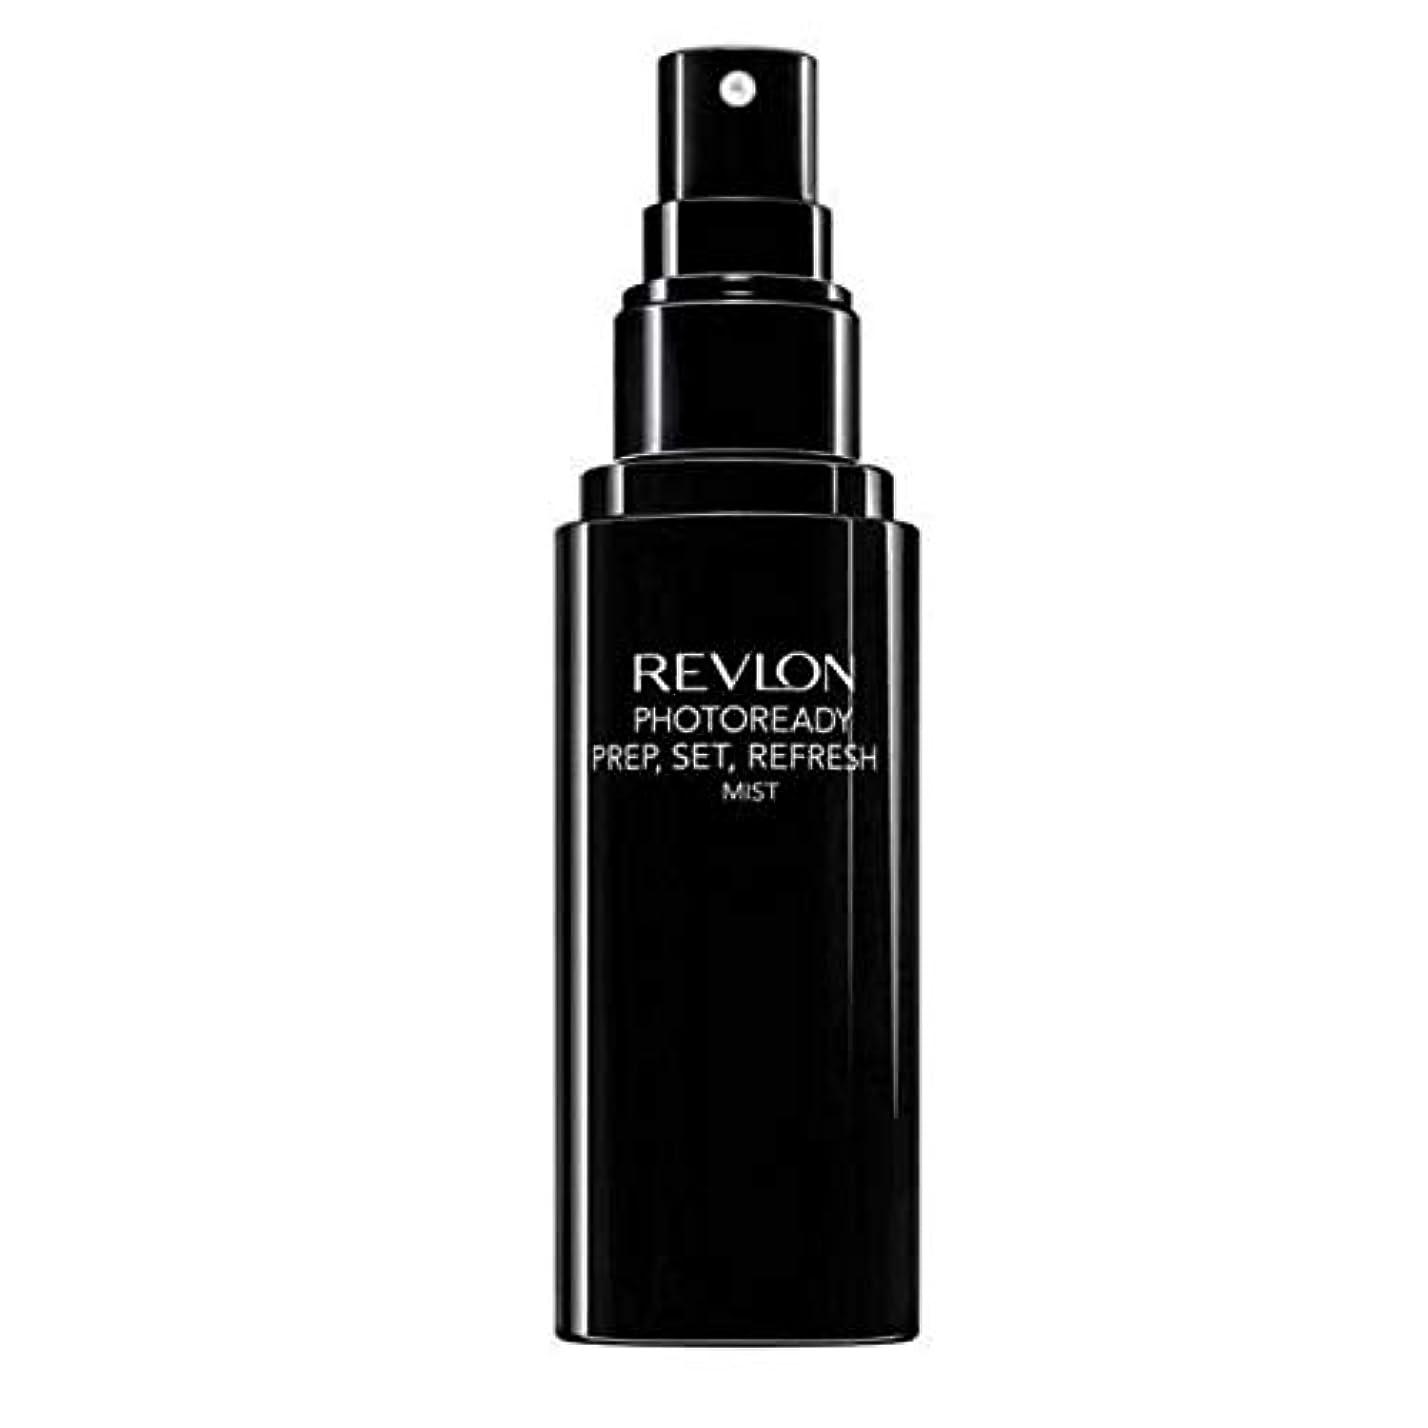 付き添い人注目すべき才能[Revlon ] レブロンPhotoready準備、セット、リフレッシュミスト - Revlon PhotoReady Prep, Set, Refresh Mist [並行輸入品]